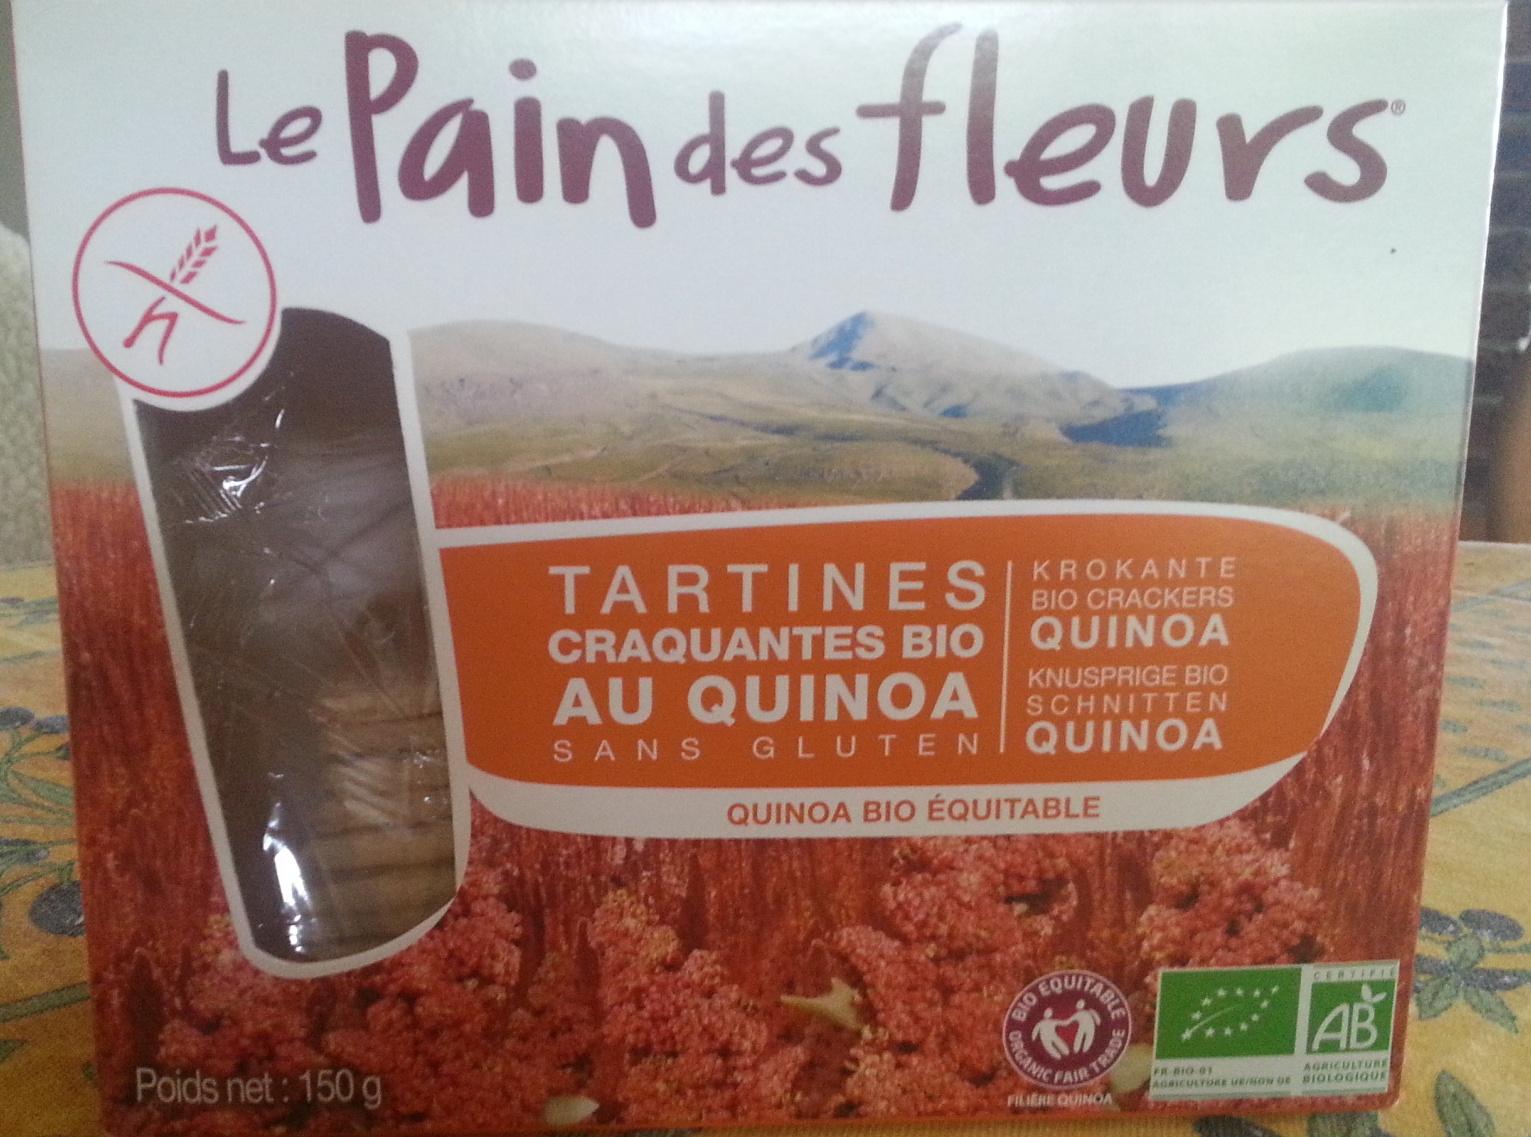 Tartines craquantes bio au Quinoa sans gluten - Produit